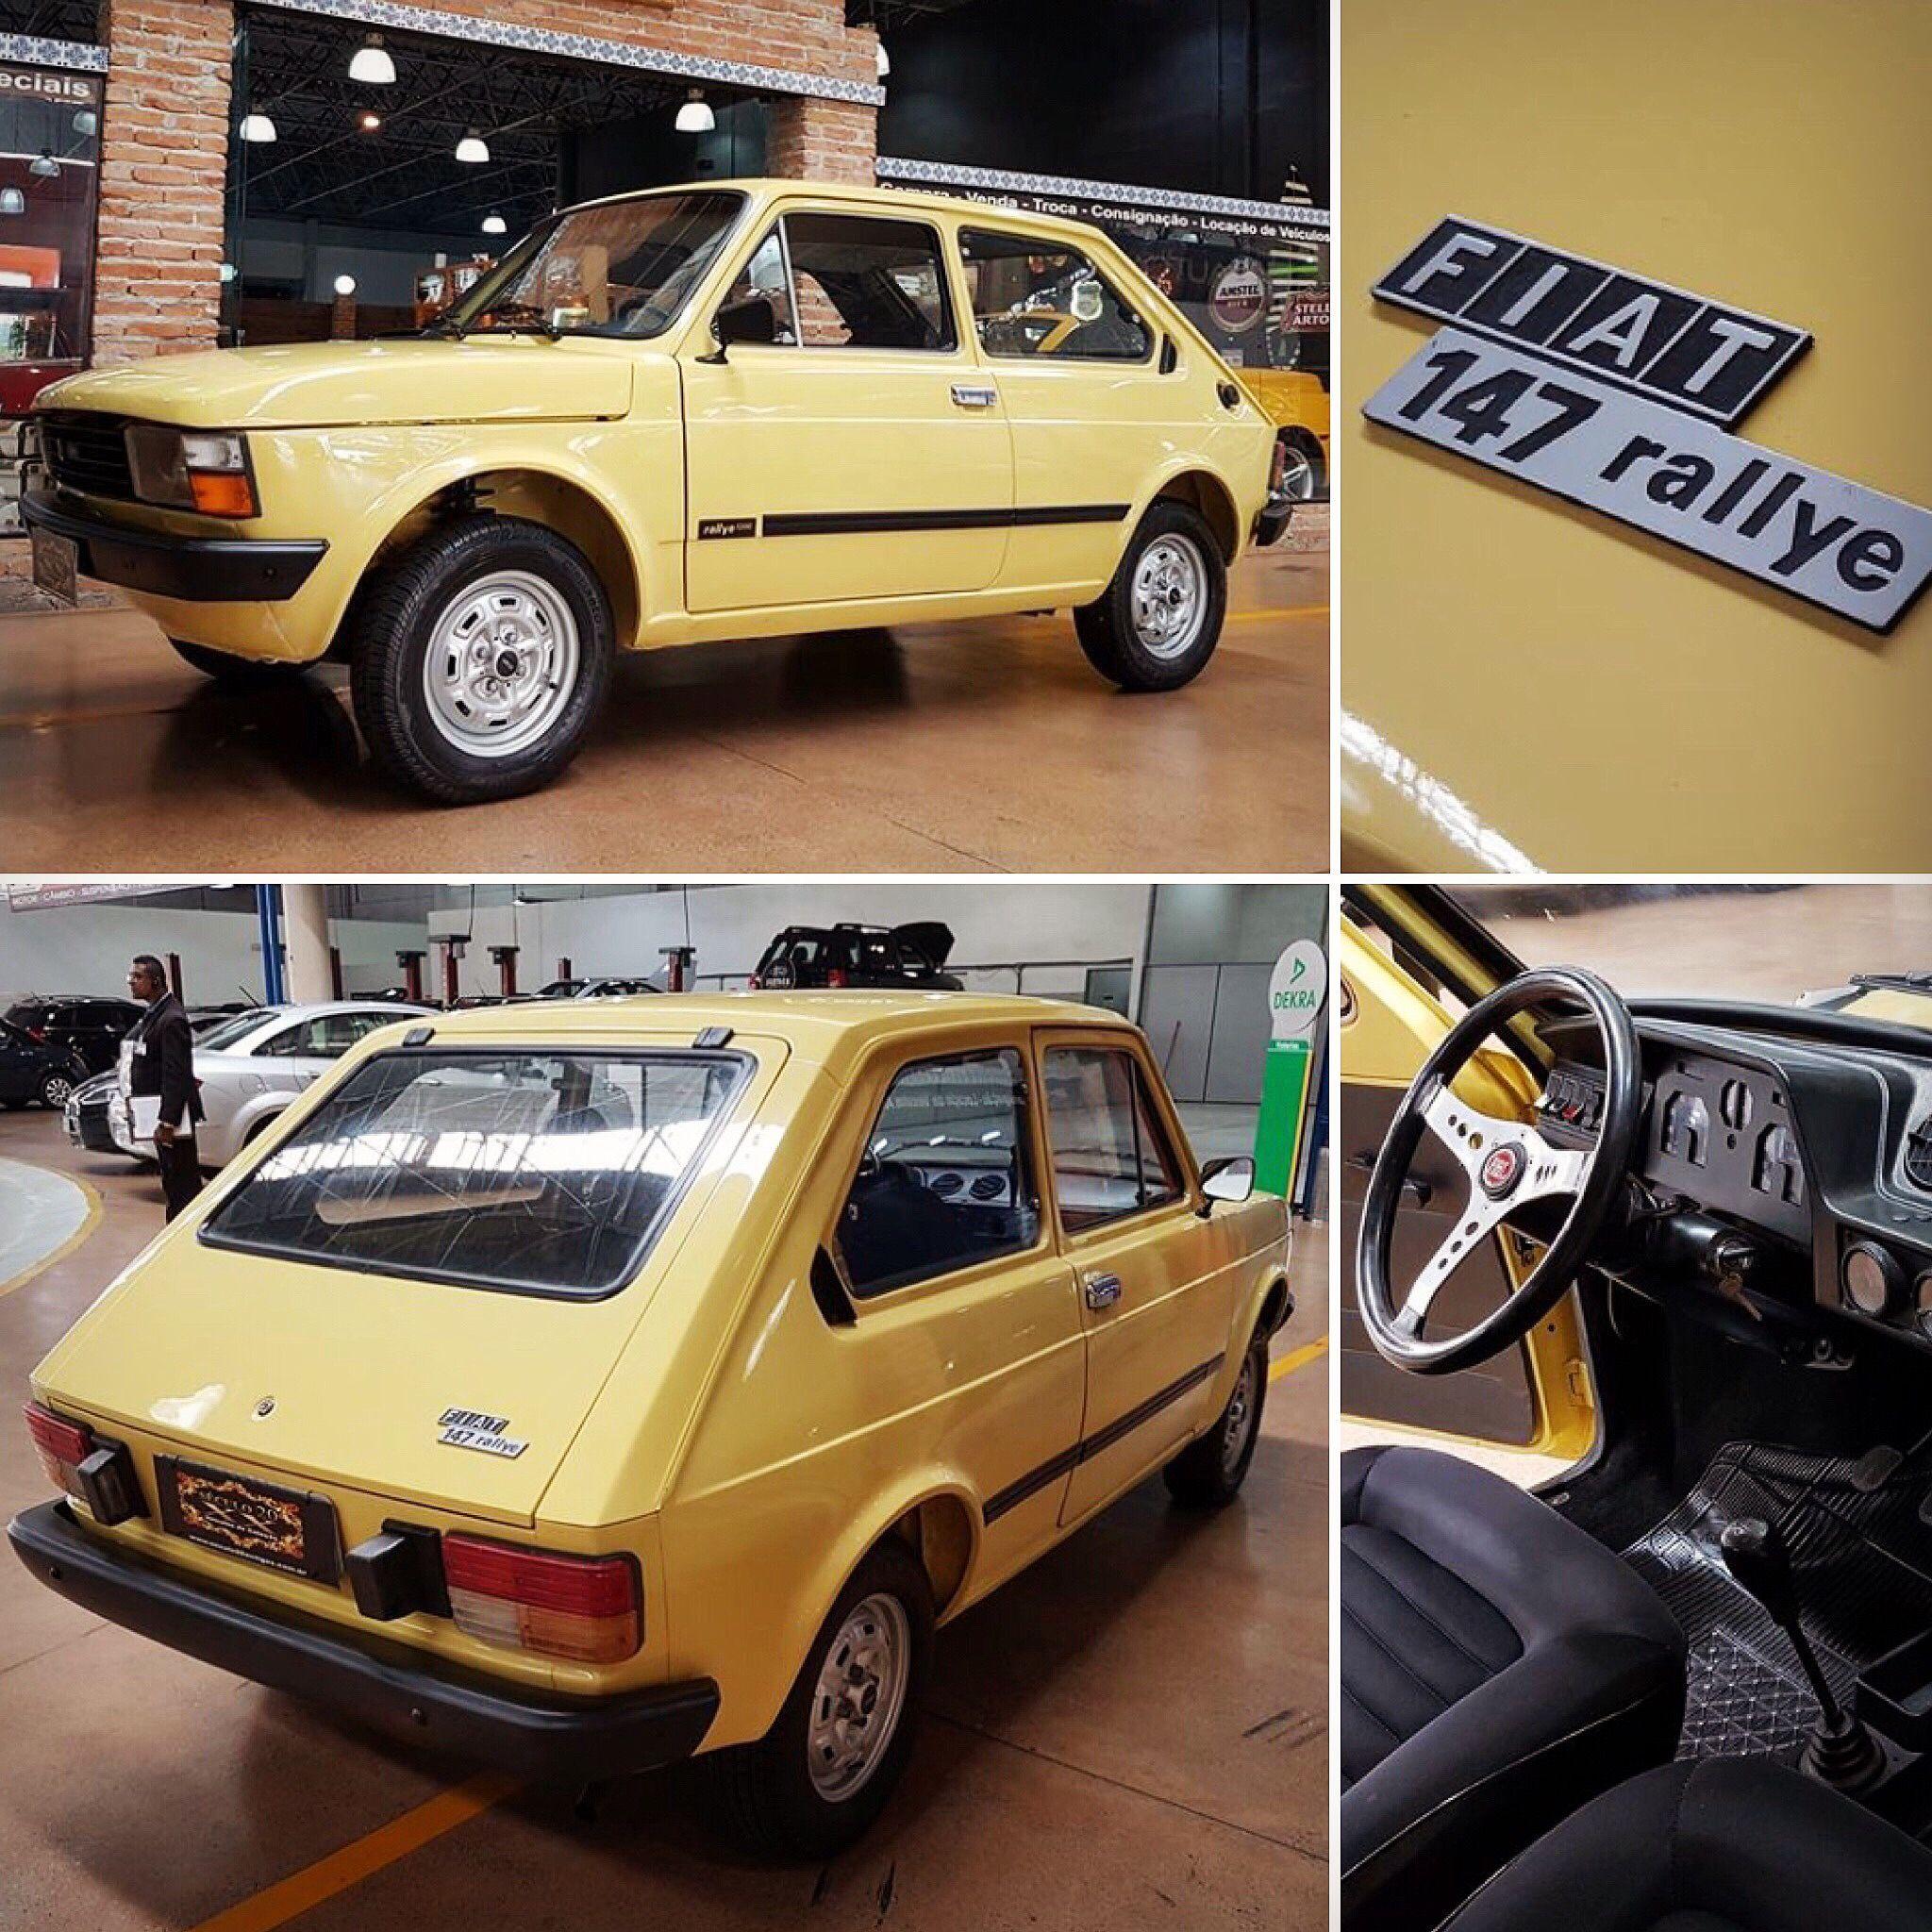 Fiat 147 Rallye 1980 Carros Carros E Caminhoes 147 Fiat